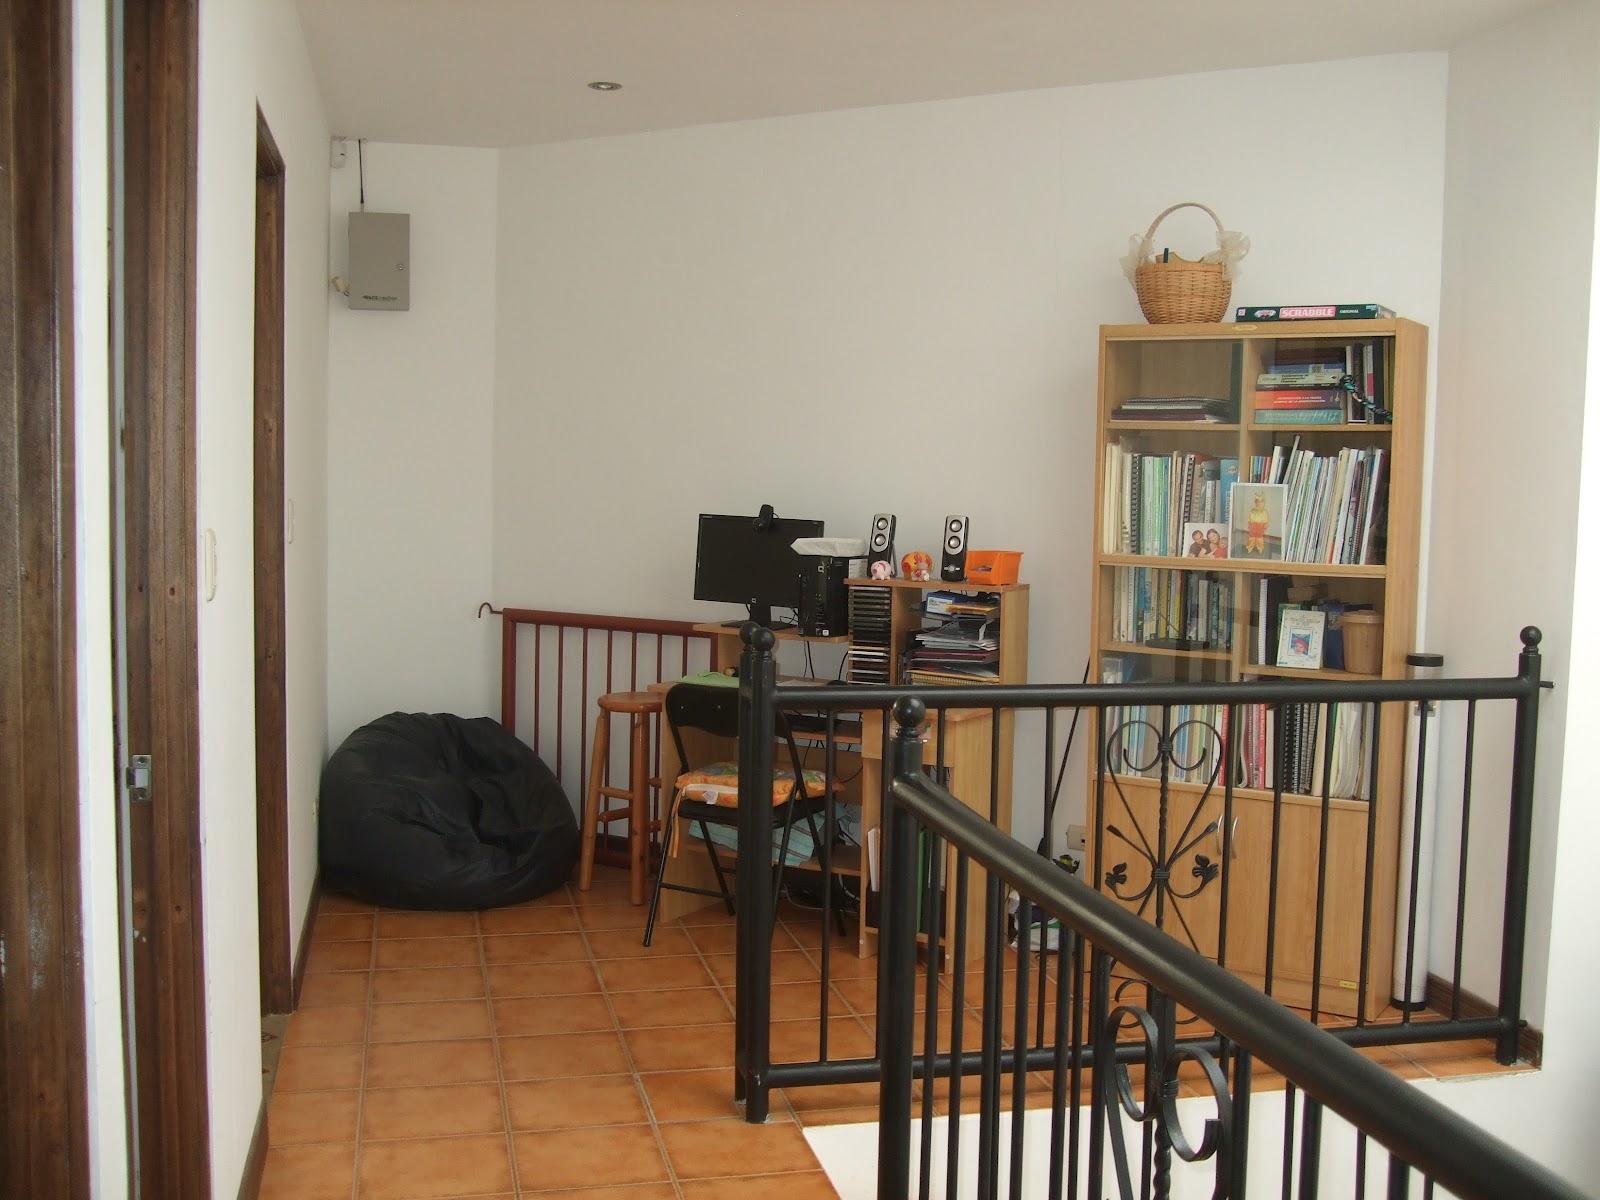 Puertas De Vidrio Para Baño Heredia:Casas en Heredia Alquiler y Venta: julio 2012